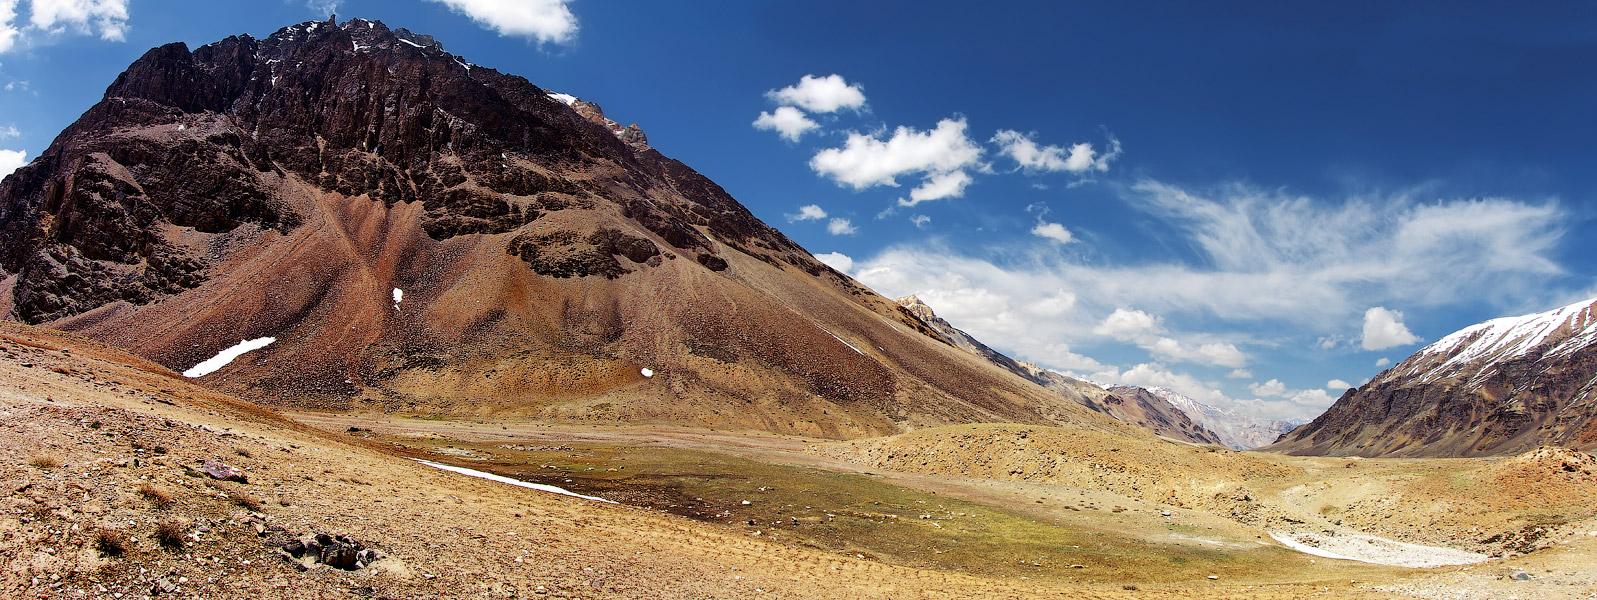 Где-то по дороге в Лех. Ладакх, Индия. Панорамы Гималаев